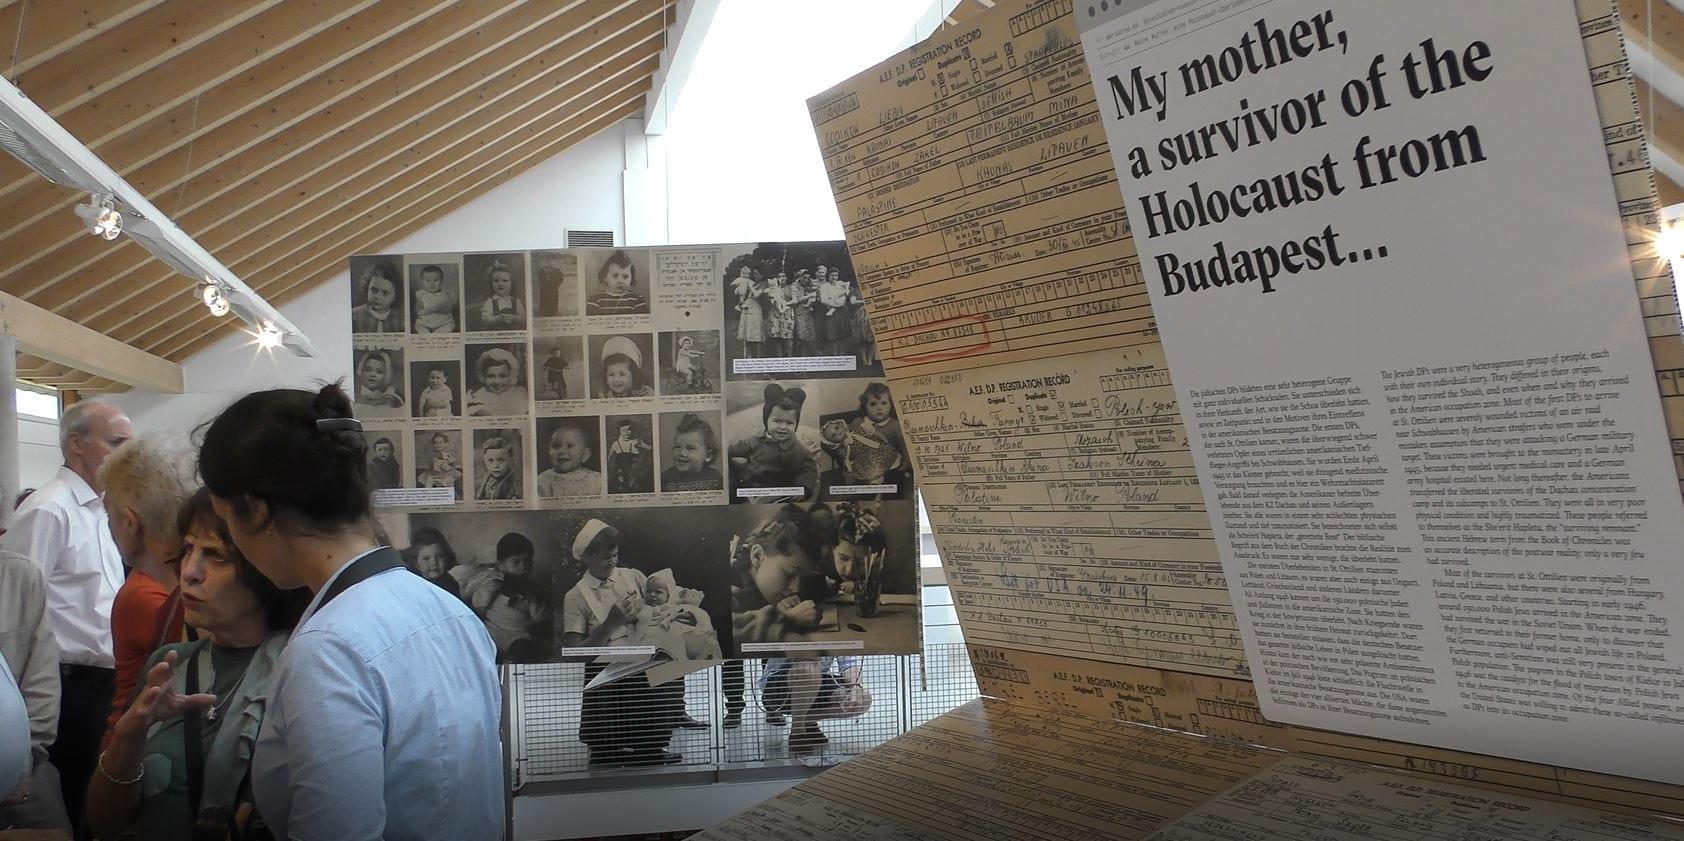 תערוכה המציגה את תמונותיהם של ילדי העקורים בסנט אוטיליין (צילום: ברנרד דיצ'ק)